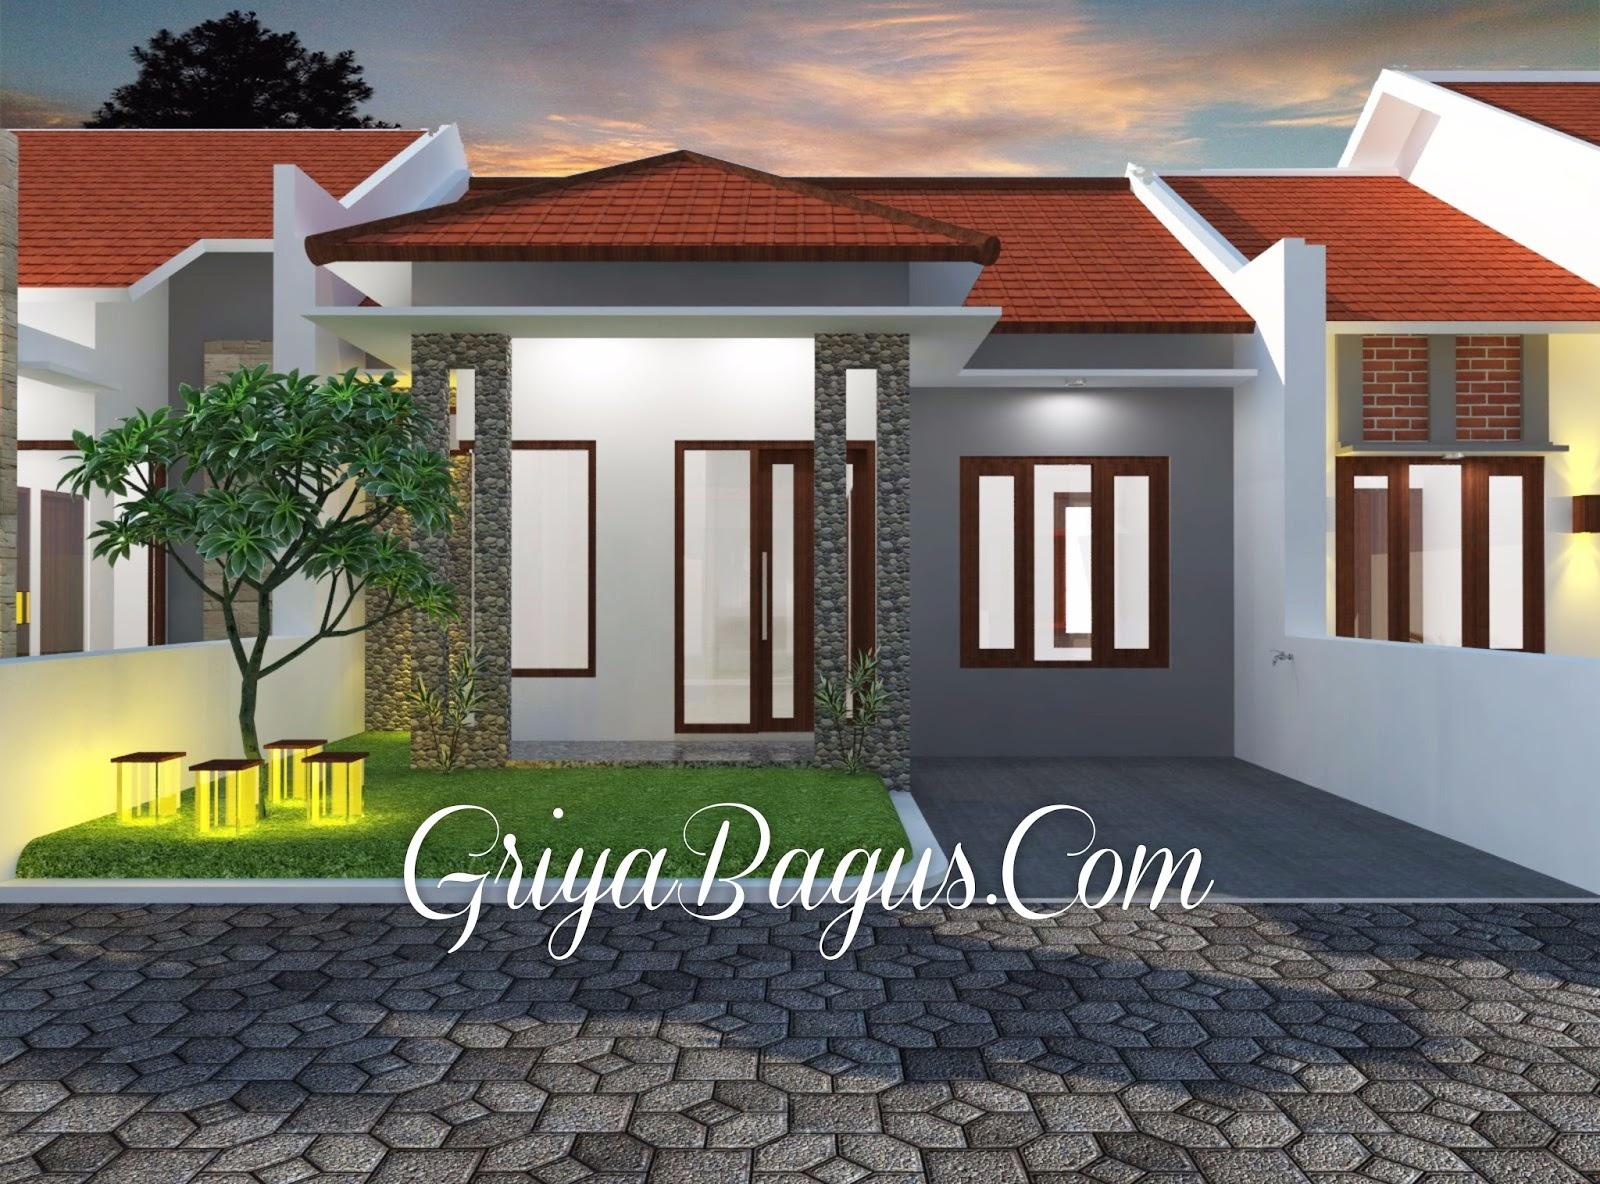 Contoh Desain Rumah Minimalis Tipe 40/104 m2 di Yogyakarta Kavling A3 & Contoh Desain Rumah Minimalis Tipe 40/104 m2 di Yogyakarta Kavling ...